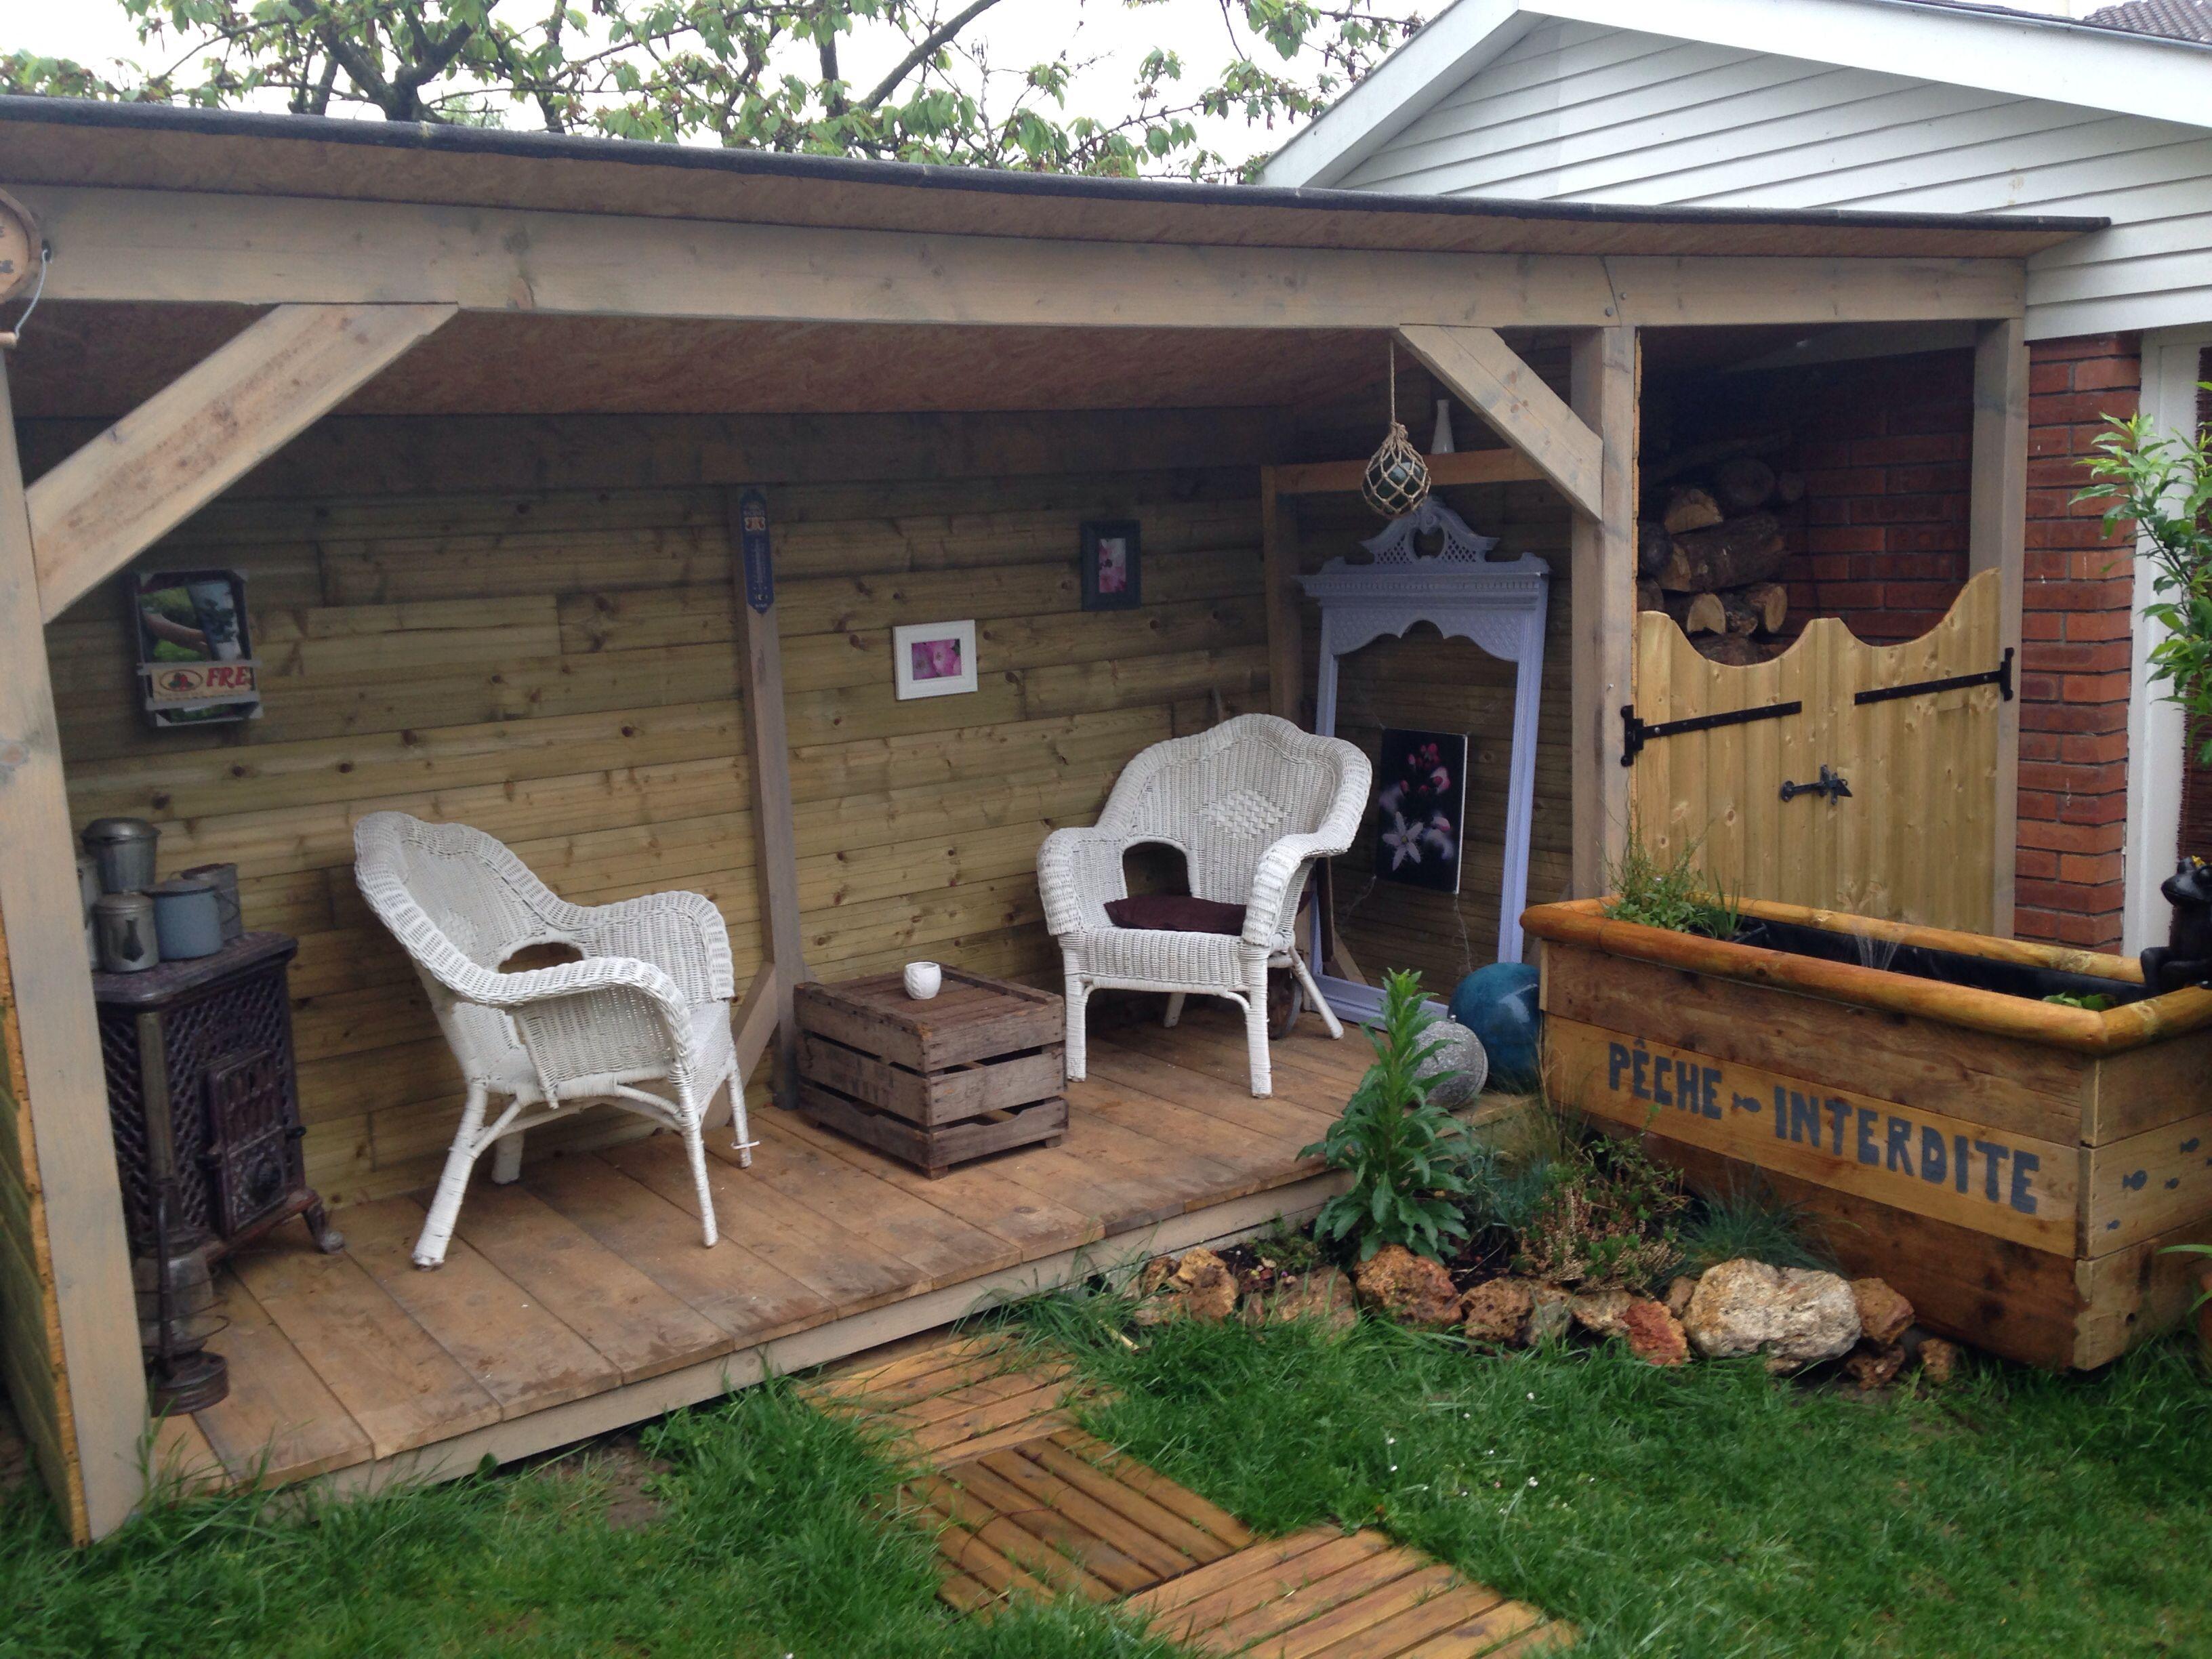 terrasse abrit e la belle saison et abris bois en hiver jardin pinterest. Black Bedroom Furniture Sets. Home Design Ideas